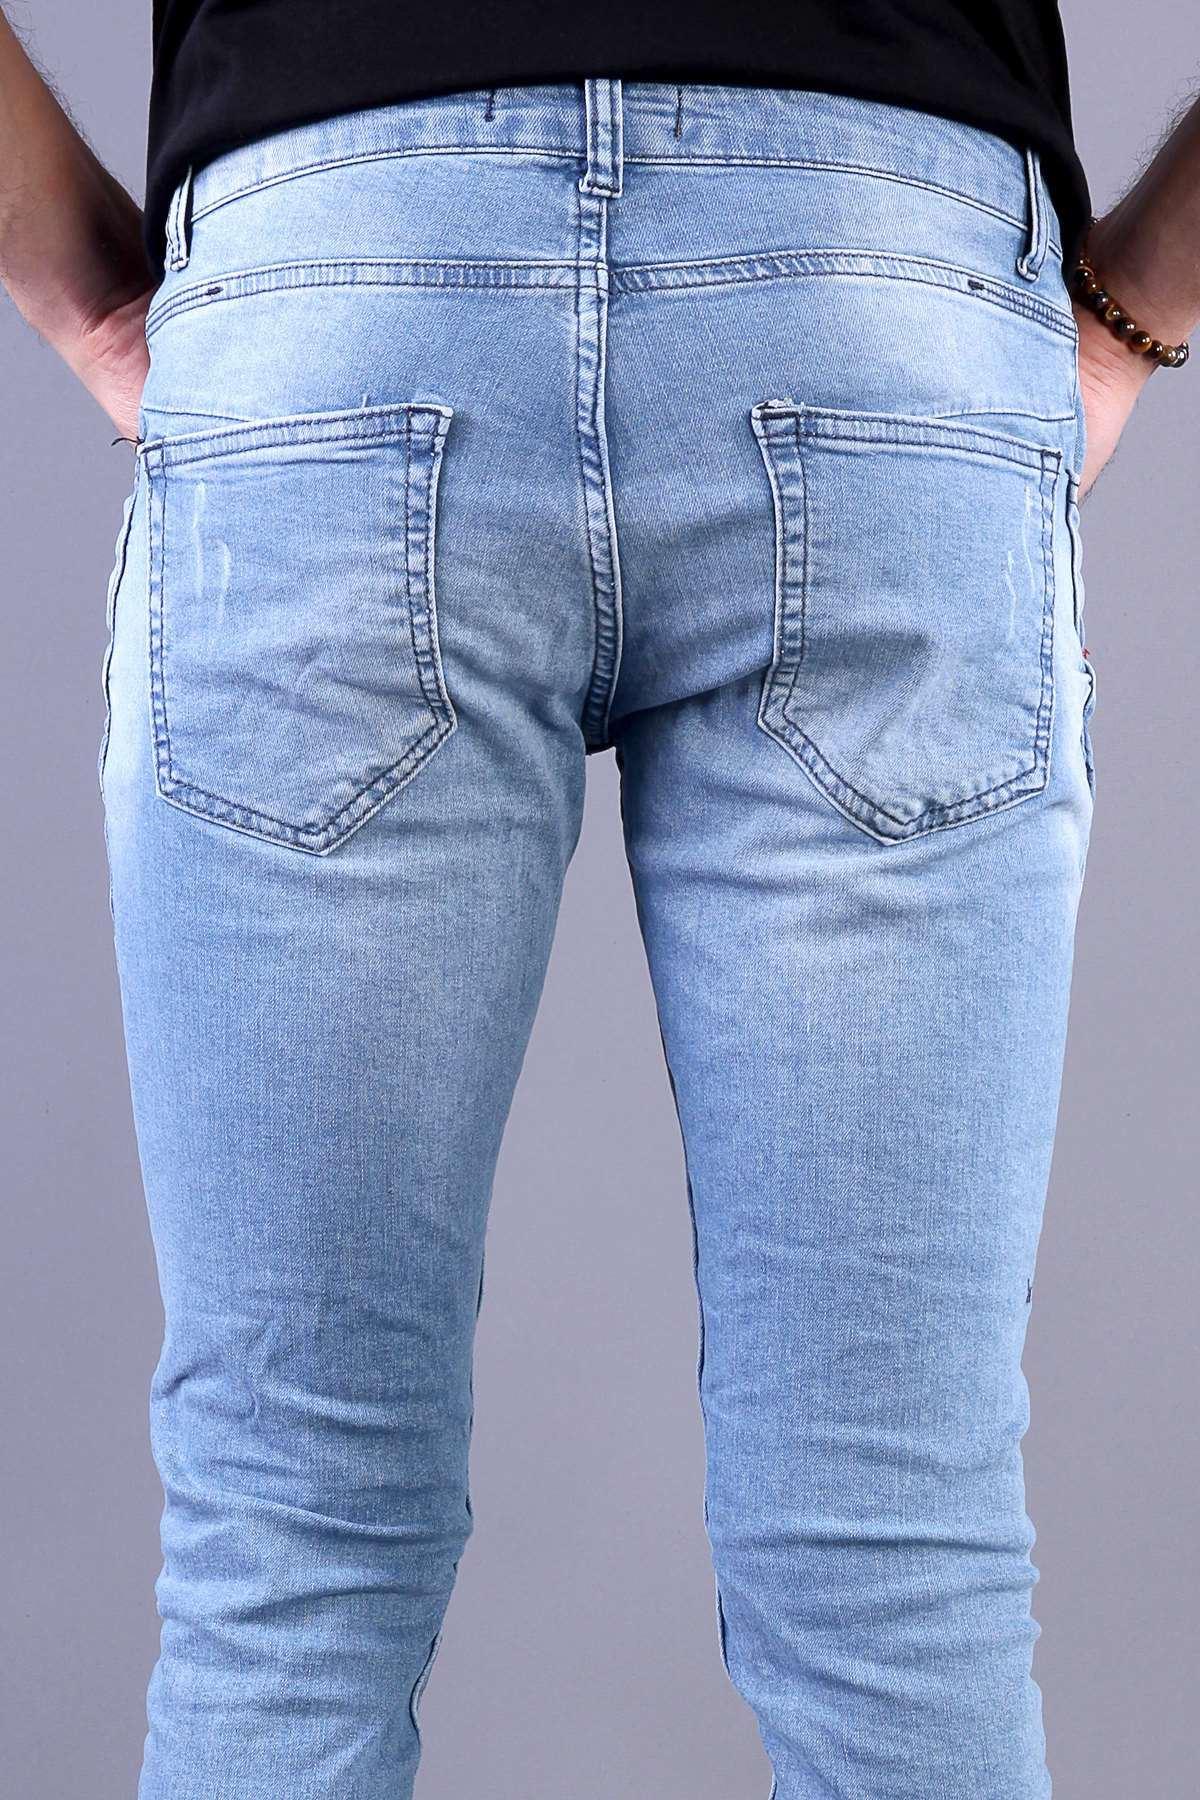 Paça Yan Fermuarlı Diz Yama Yırtıklı Bilek Boy Kot Pantolon Açık-Mavi